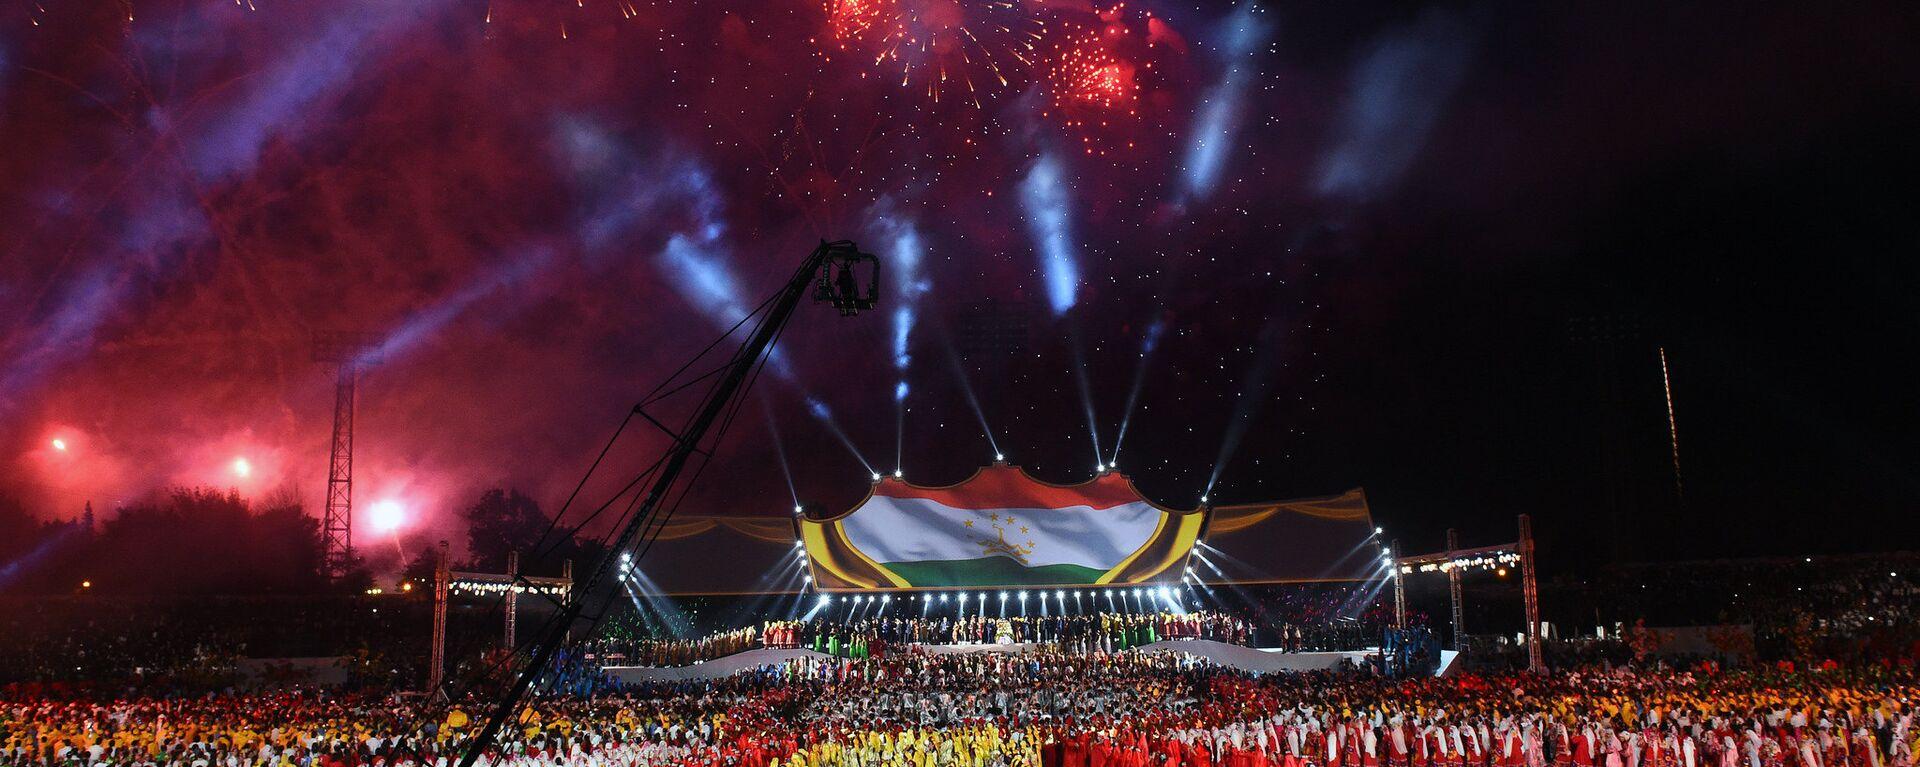 Празднование дня независимости Таджикистана в Душанбе - Sputnik Тоҷикистон, 1920, 19.07.2021